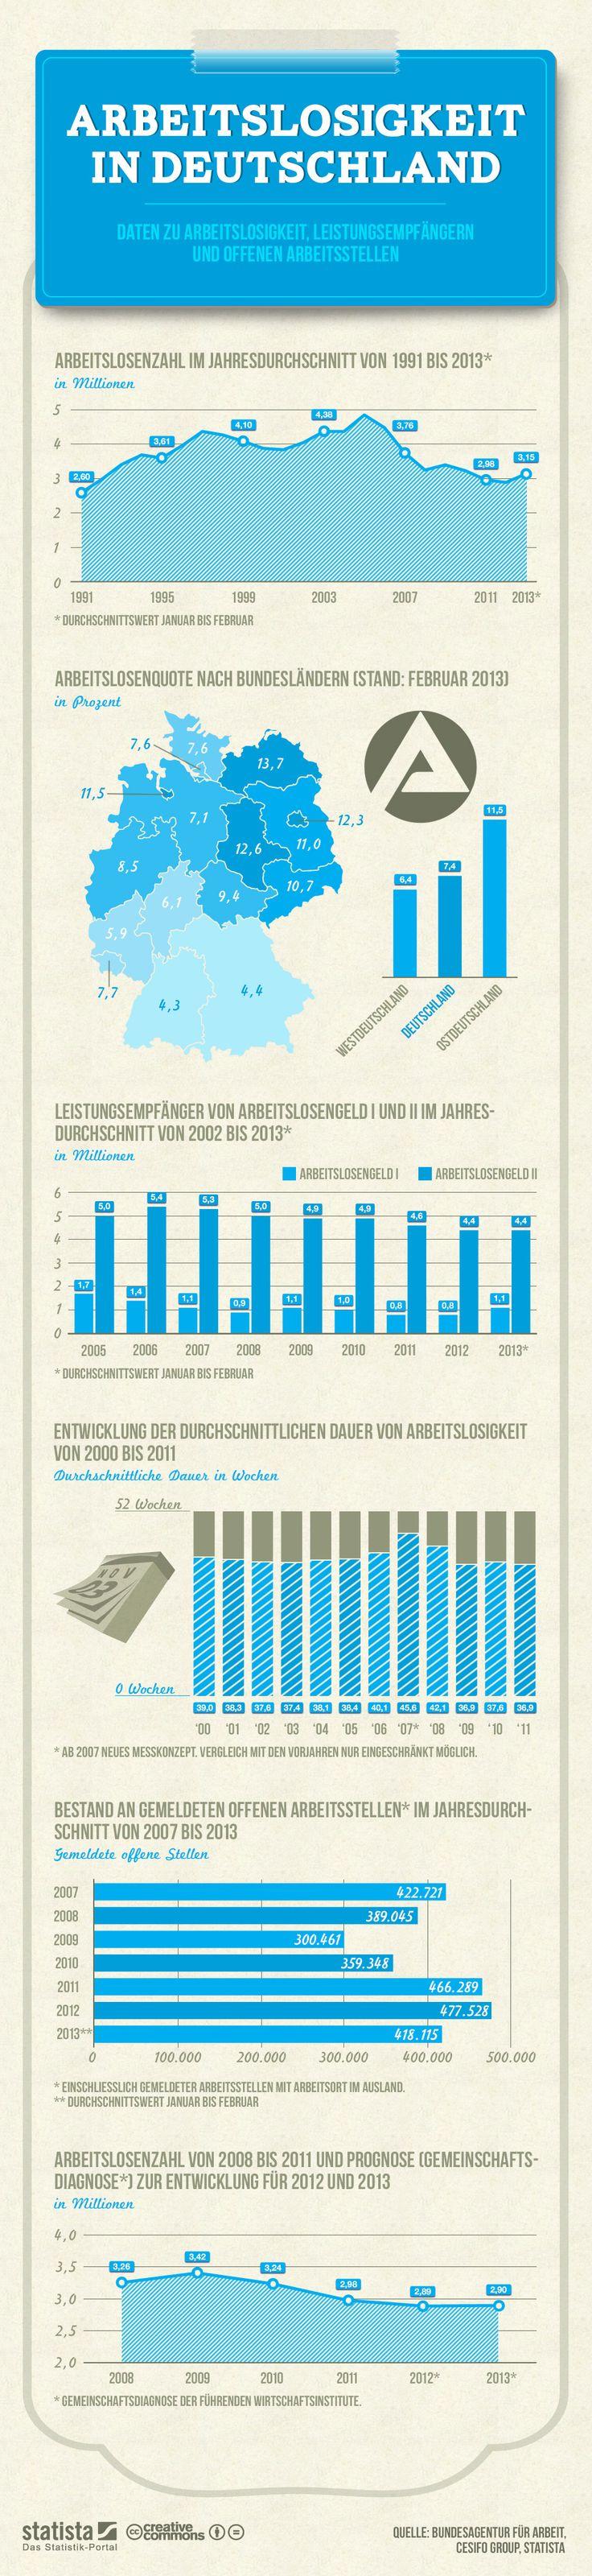 Infografik: Arbeitslosigkeit  Daten zu Arbeitslosigkeit, Leistungsempfängern und offenen Arbeitsstellen. #statista #infografik